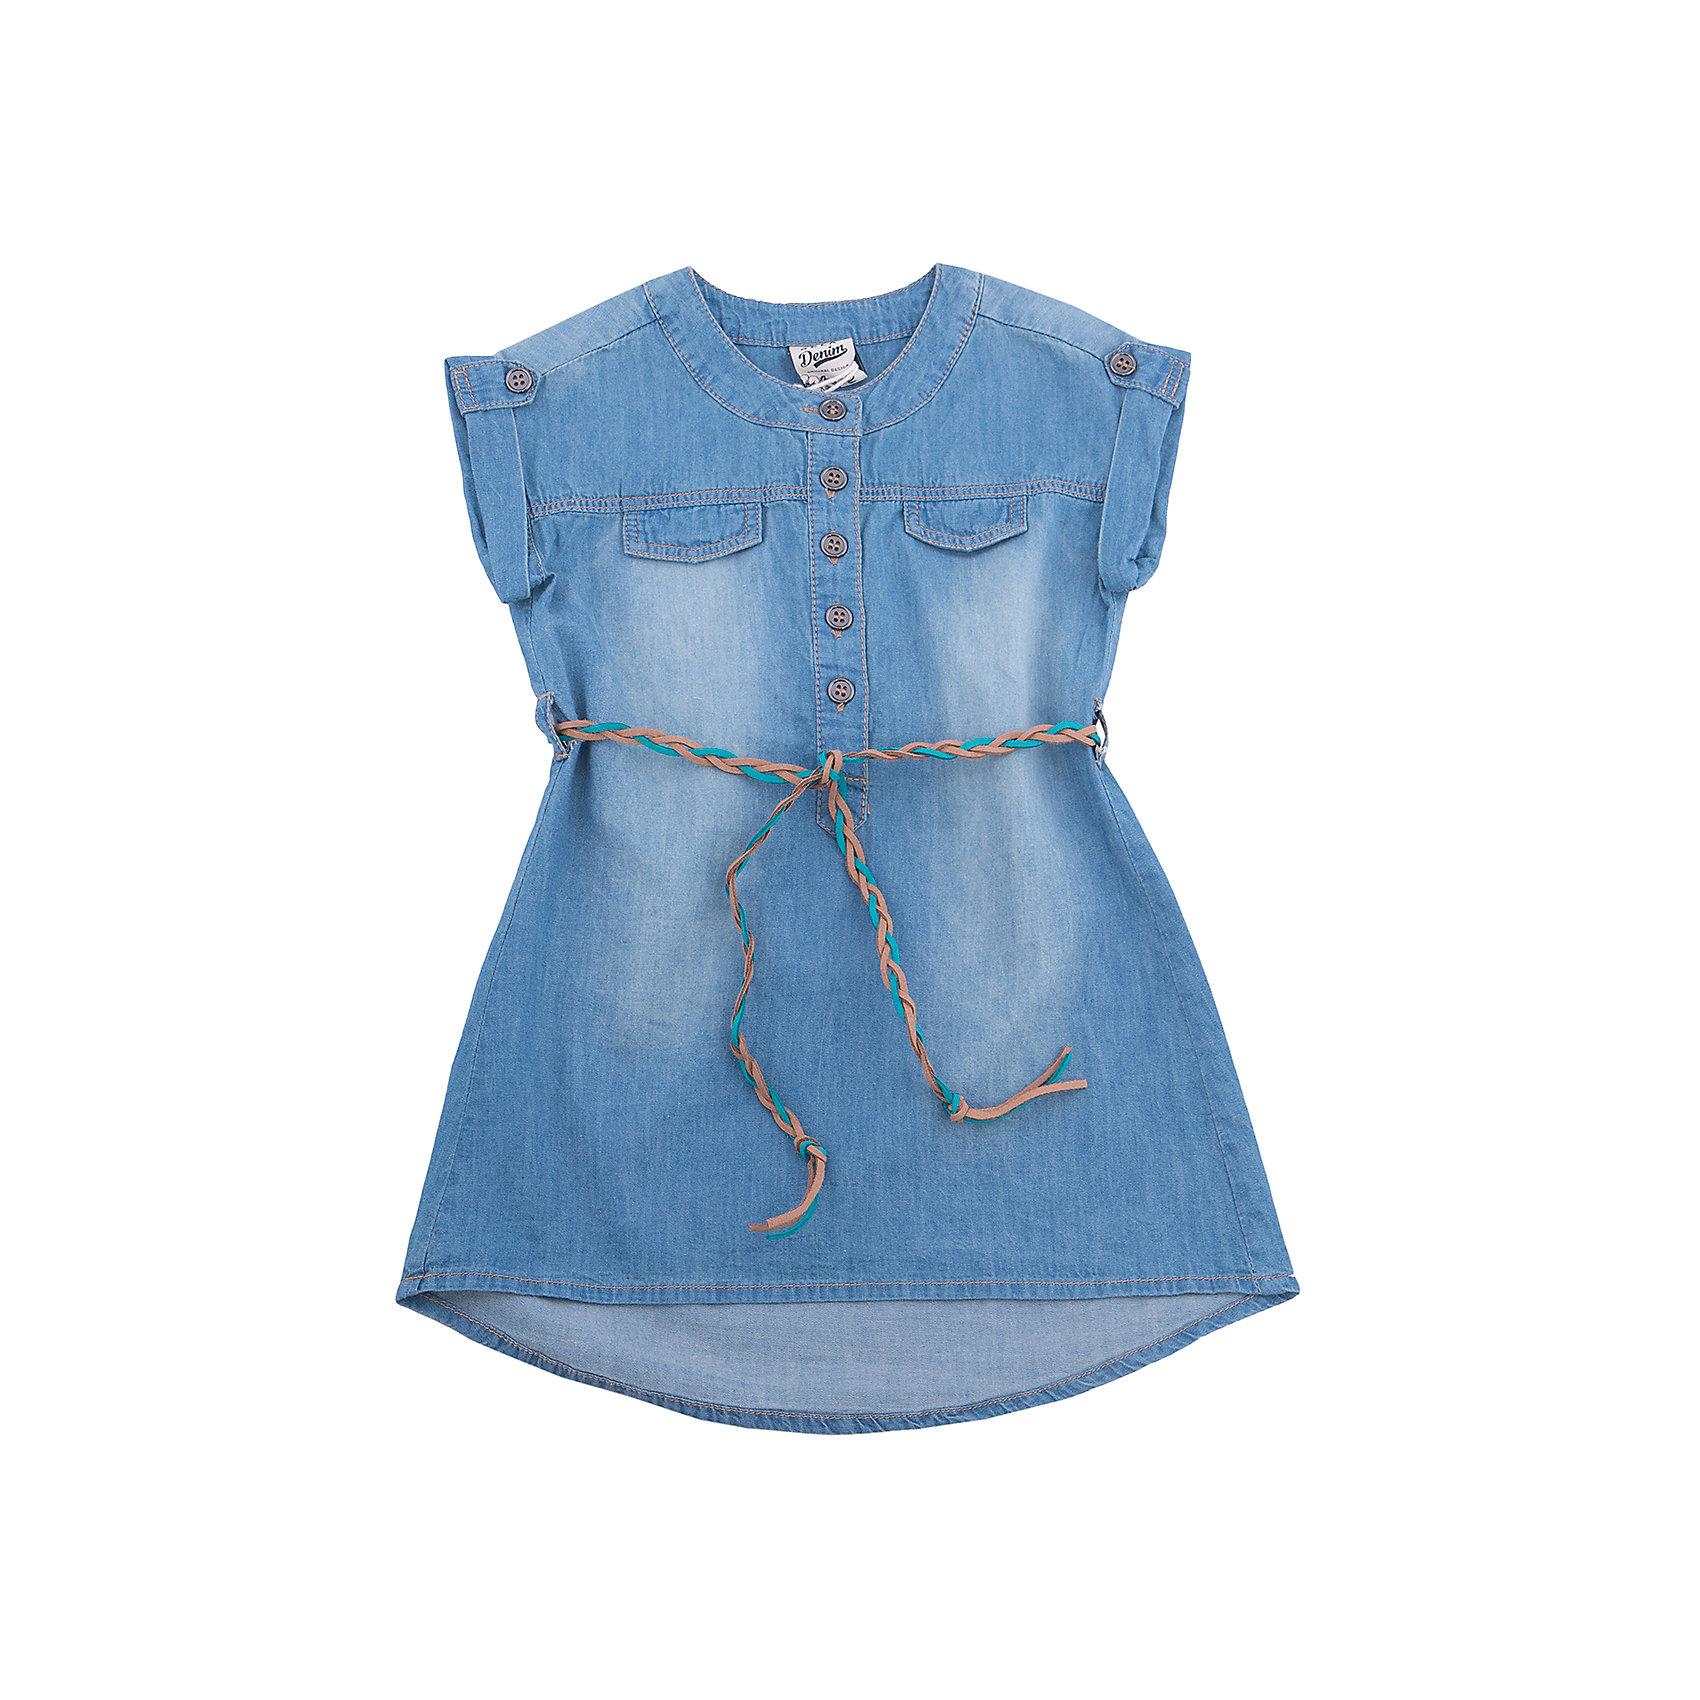 Платье джинсовое для девочки SELAДжинсовая одежда<br>Характеристики товара:<br><br>• цвет: синий джинс<br>• сезон: лето<br>• состав: 100% хлопок<br>• пуговицы<br>• длина выше колена<br>• корткие рукава<br>• страна бренда: Россия<br><br>В новой коллекции SELA отличные модели одежды! Это платье для девочки поможет разнообразить гардероб ребенка и обеспечить комфорт. Оно отлично сочетается с различной обувью.<br><br>Одежда, обувь и аксессуары от российского бренда SELA не зря пользуются большой популярностью у детей и взрослых! Модели этой марки - стильные и удобные, цена при этом неизменно остается доступной. Для их производства используются только безопасные, качественные материалы и фурнитура.<br><br>Платье для девочки от популярного бренда SELA (СЕЛА) можно купить в нашем интернет-магазине.<br><br>Ширина мм: 236<br>Глубина мм: 16<br>Высота мм: 184<br>Вес г: 177<br>Цвет: синий джинс<br>Возраст от месяцев: 24<br>Возраст до месяцев: 36<br>Пол: Женский<br>Возраст: Детский<br>Размер: 98,116,92,104,110<br>SKU: 5305262